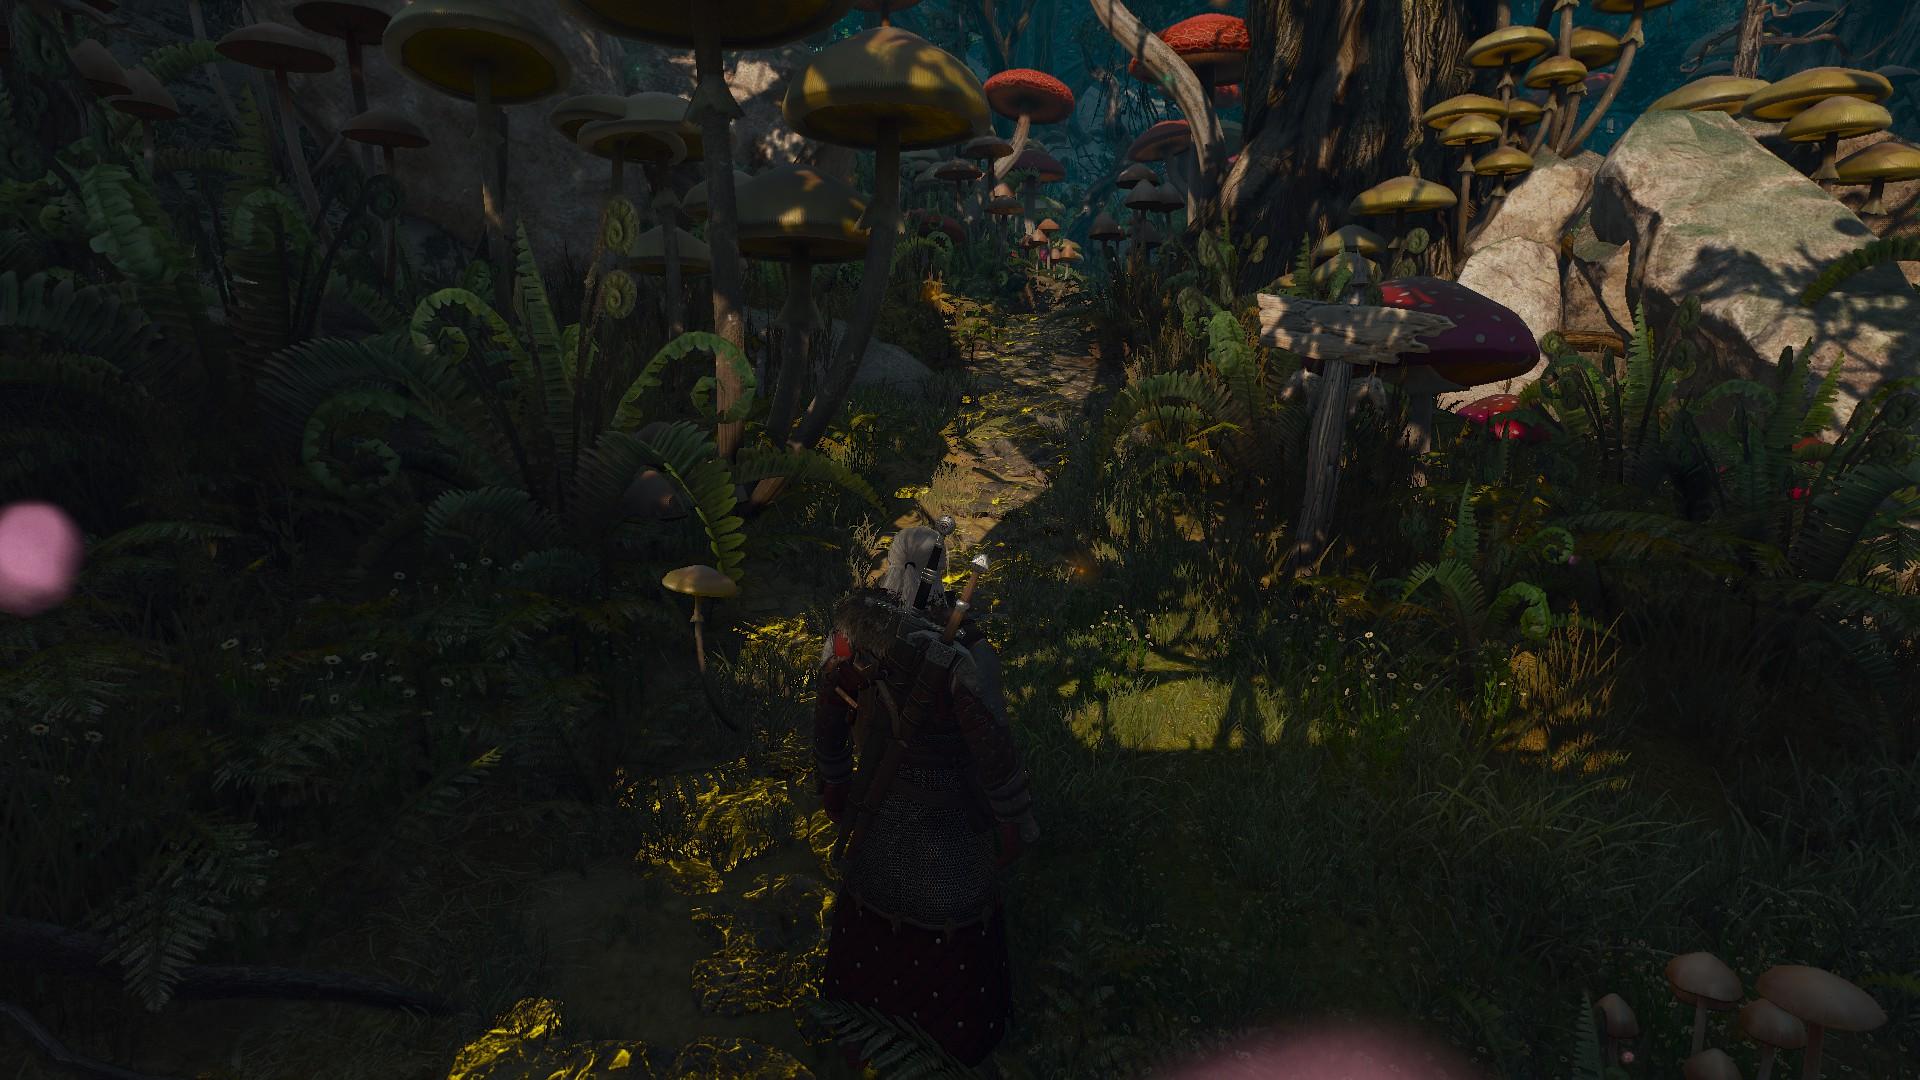 20170607203014_1.jpg - Witcher 3: Wild Hunt, the